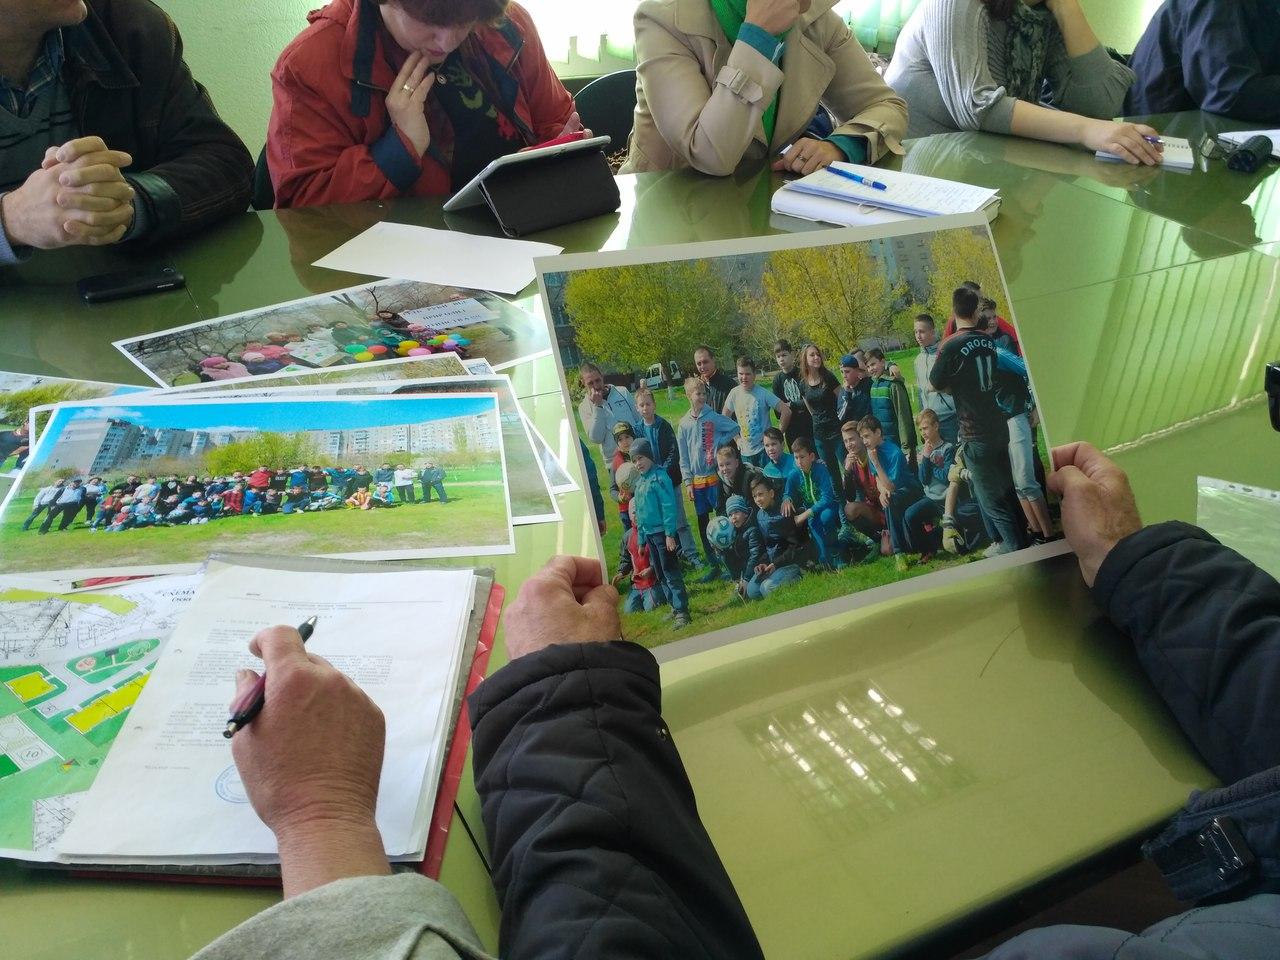 Миколаенко заинтересован в строительстве незаконных домов в Херсоне